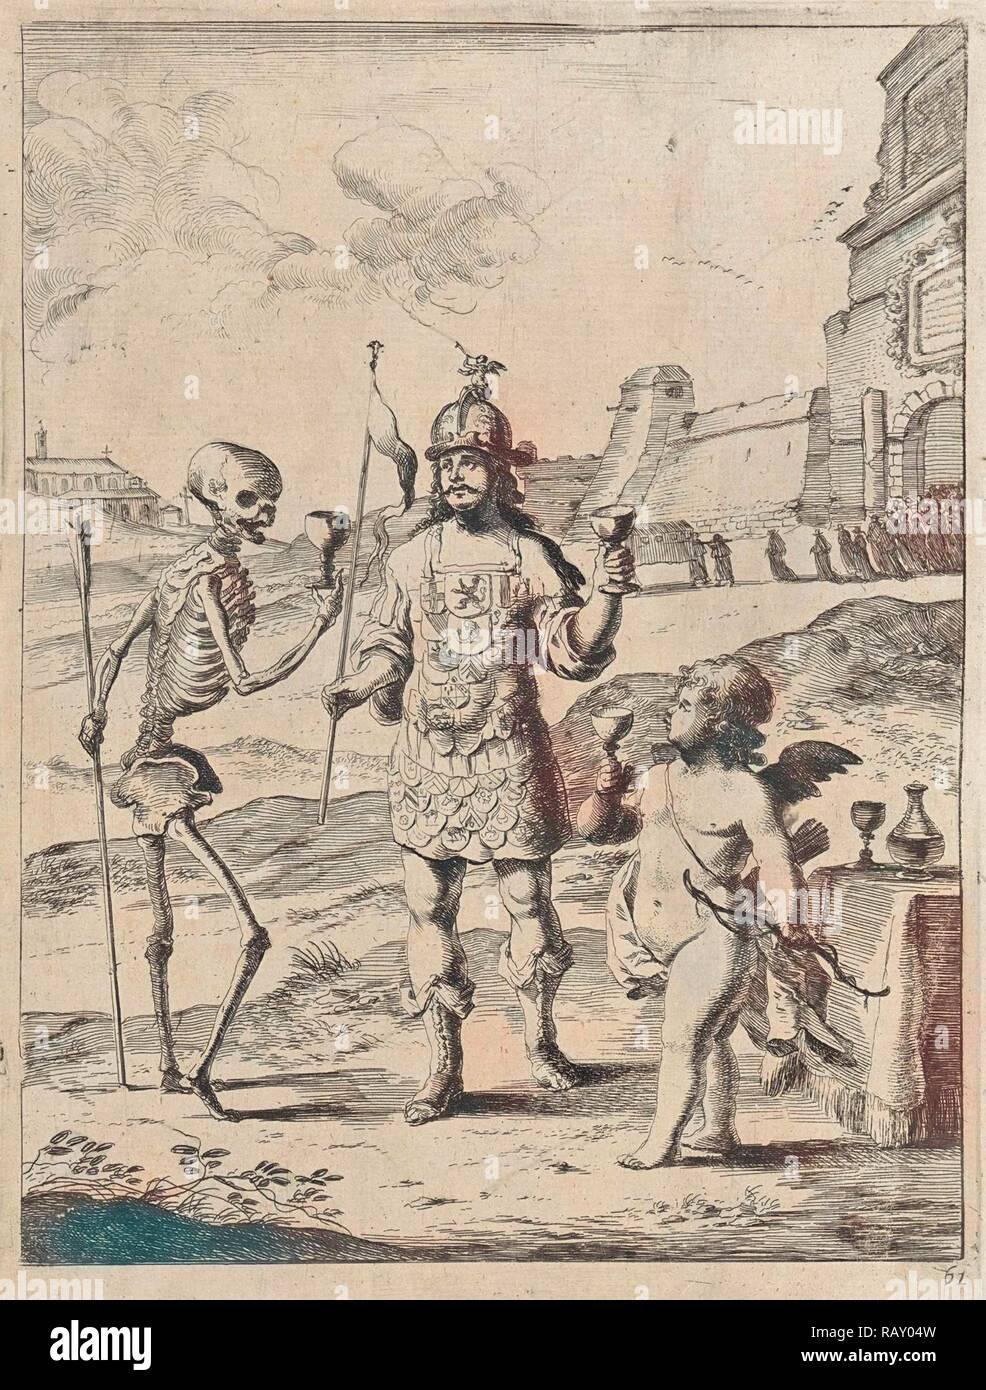 La fábula de Cupido, la muerte y la reputación. Dirk Stoop, John Ogilby, 1665. Reimagined by Gibon. Arte clásico con un moderno reinventado Imagen De Stock